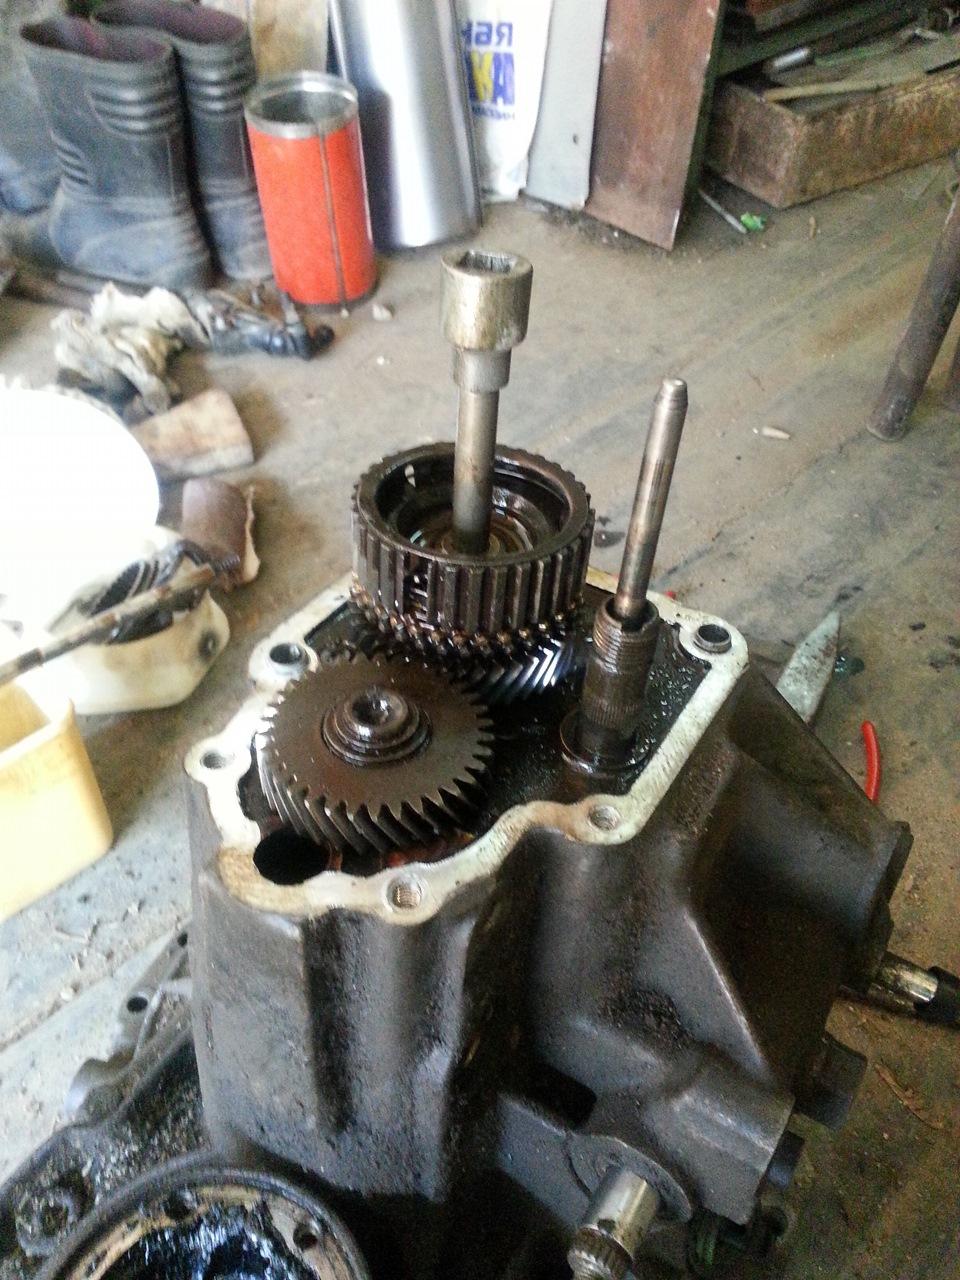 шкода октавия lx 1.6 схема мотора